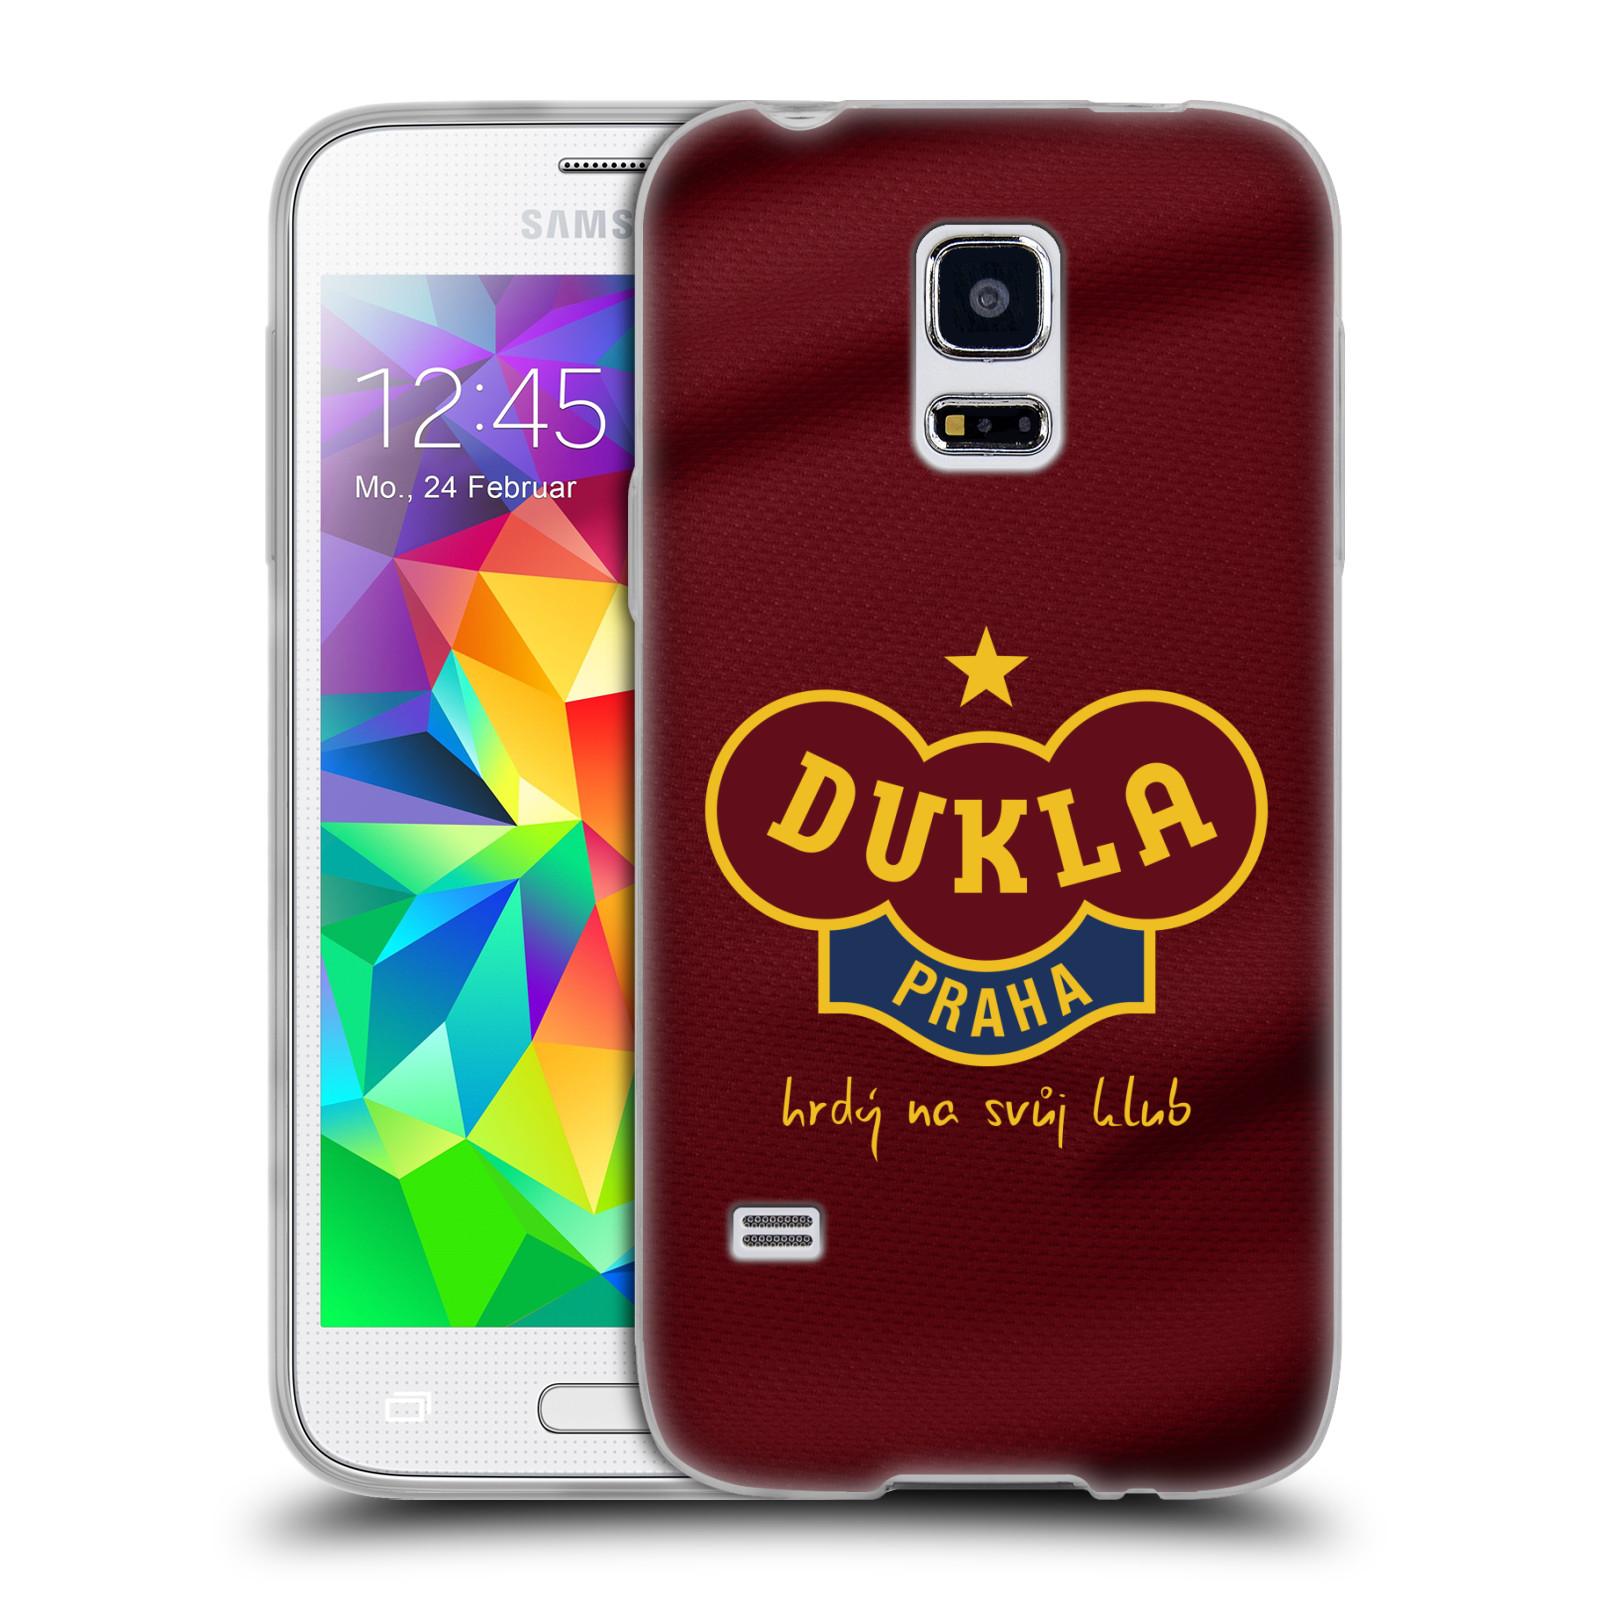 Silikonové pouzdro na mobil Samsung Galaxy S5 Mini - FK Dukla Praha - Vínově červený dres